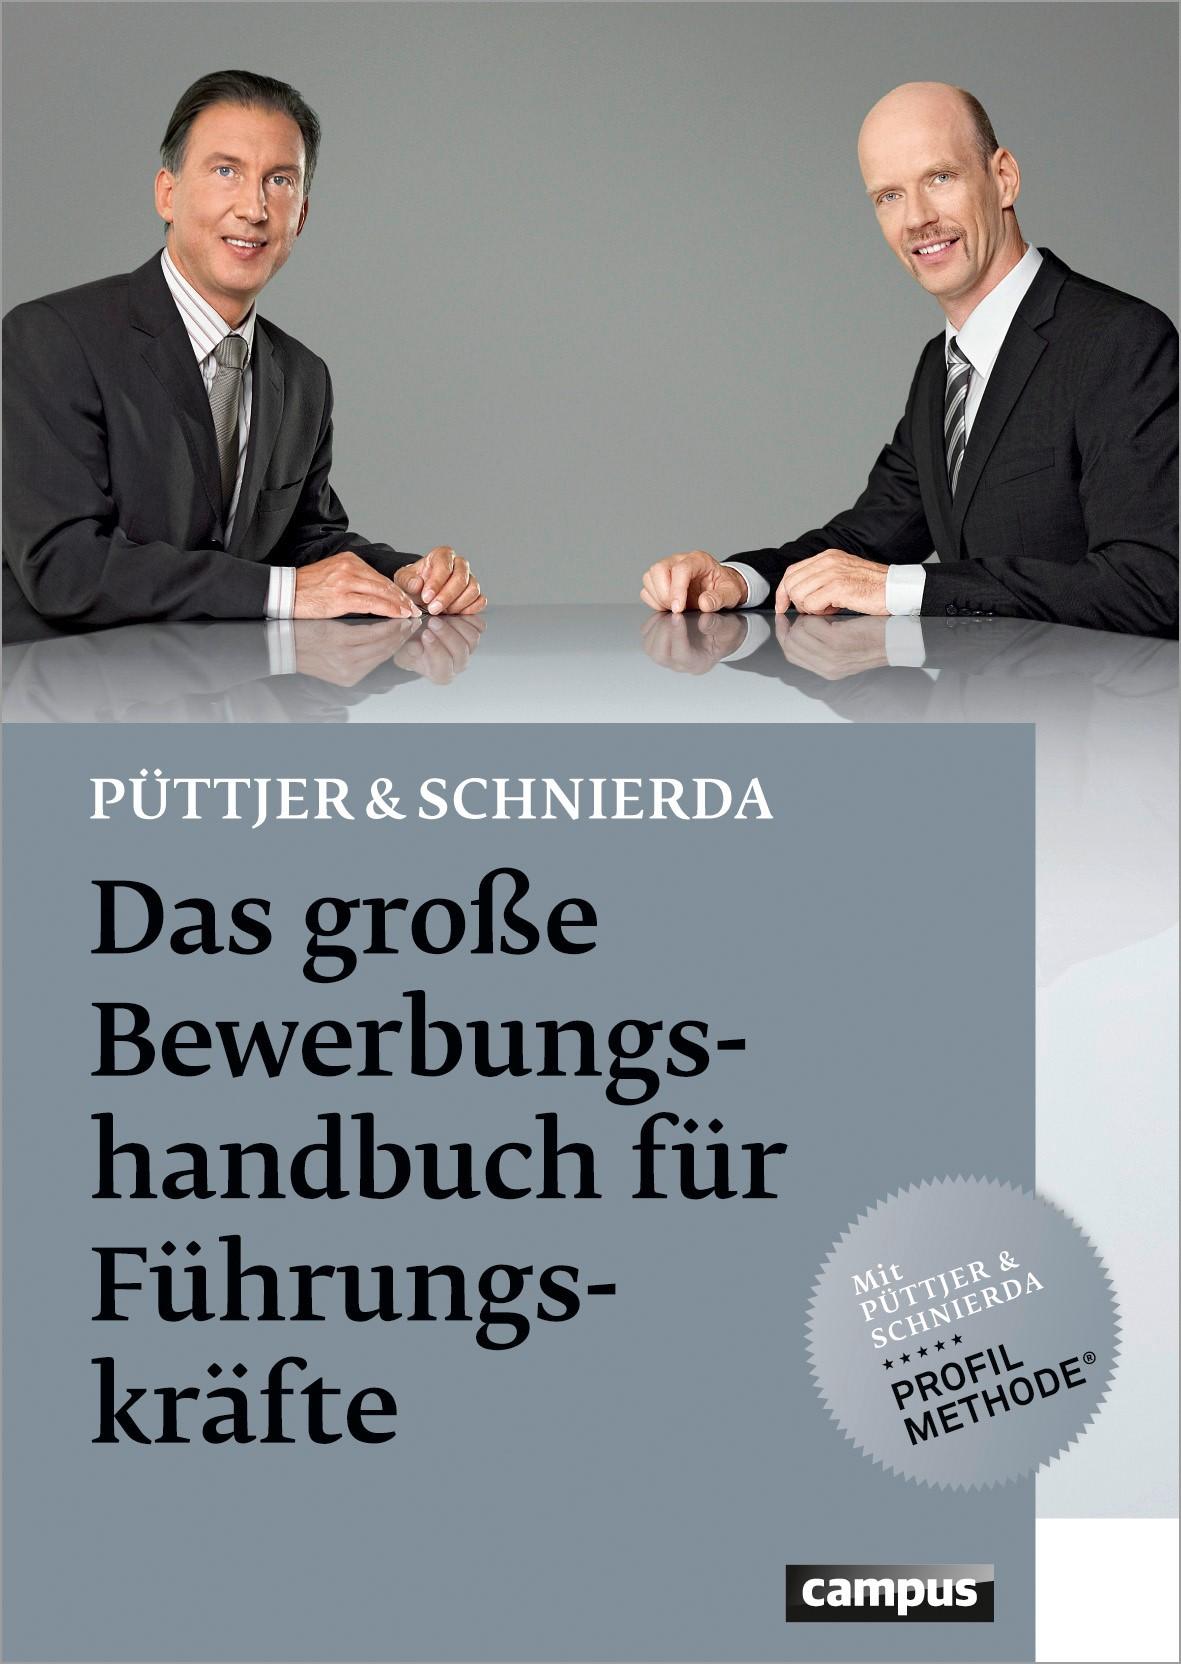 Das große Bewerbungshandbuch für Führungskräfte | Püttjer / Schnierda, 2012 (Cover)